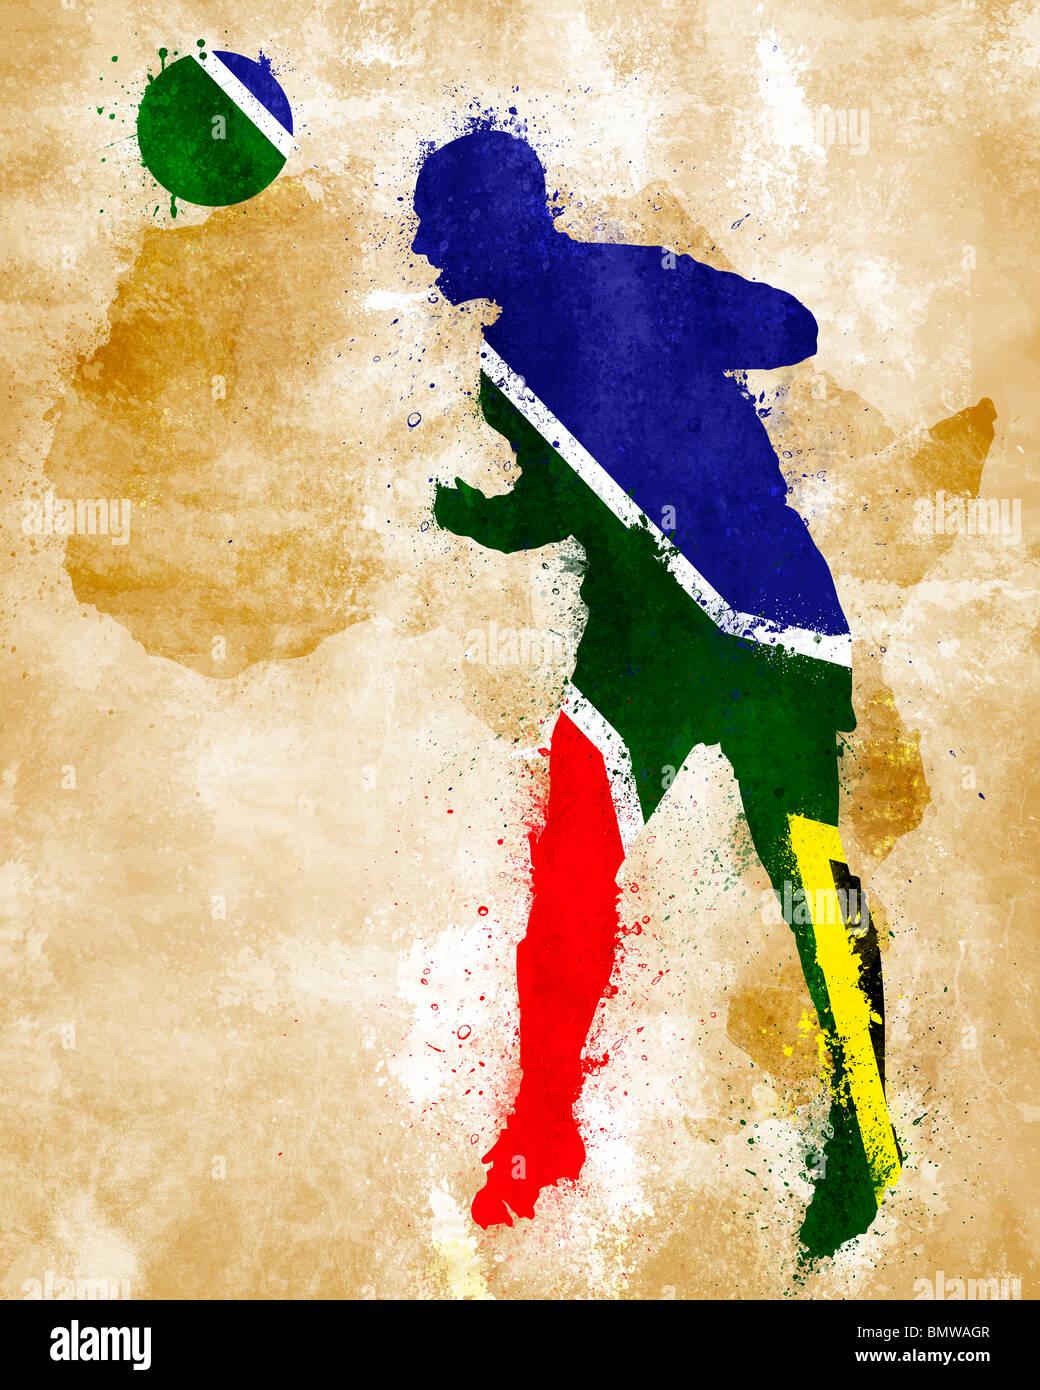 Un jugador de fútbol con bandera sudafricana pintado Foto de stock